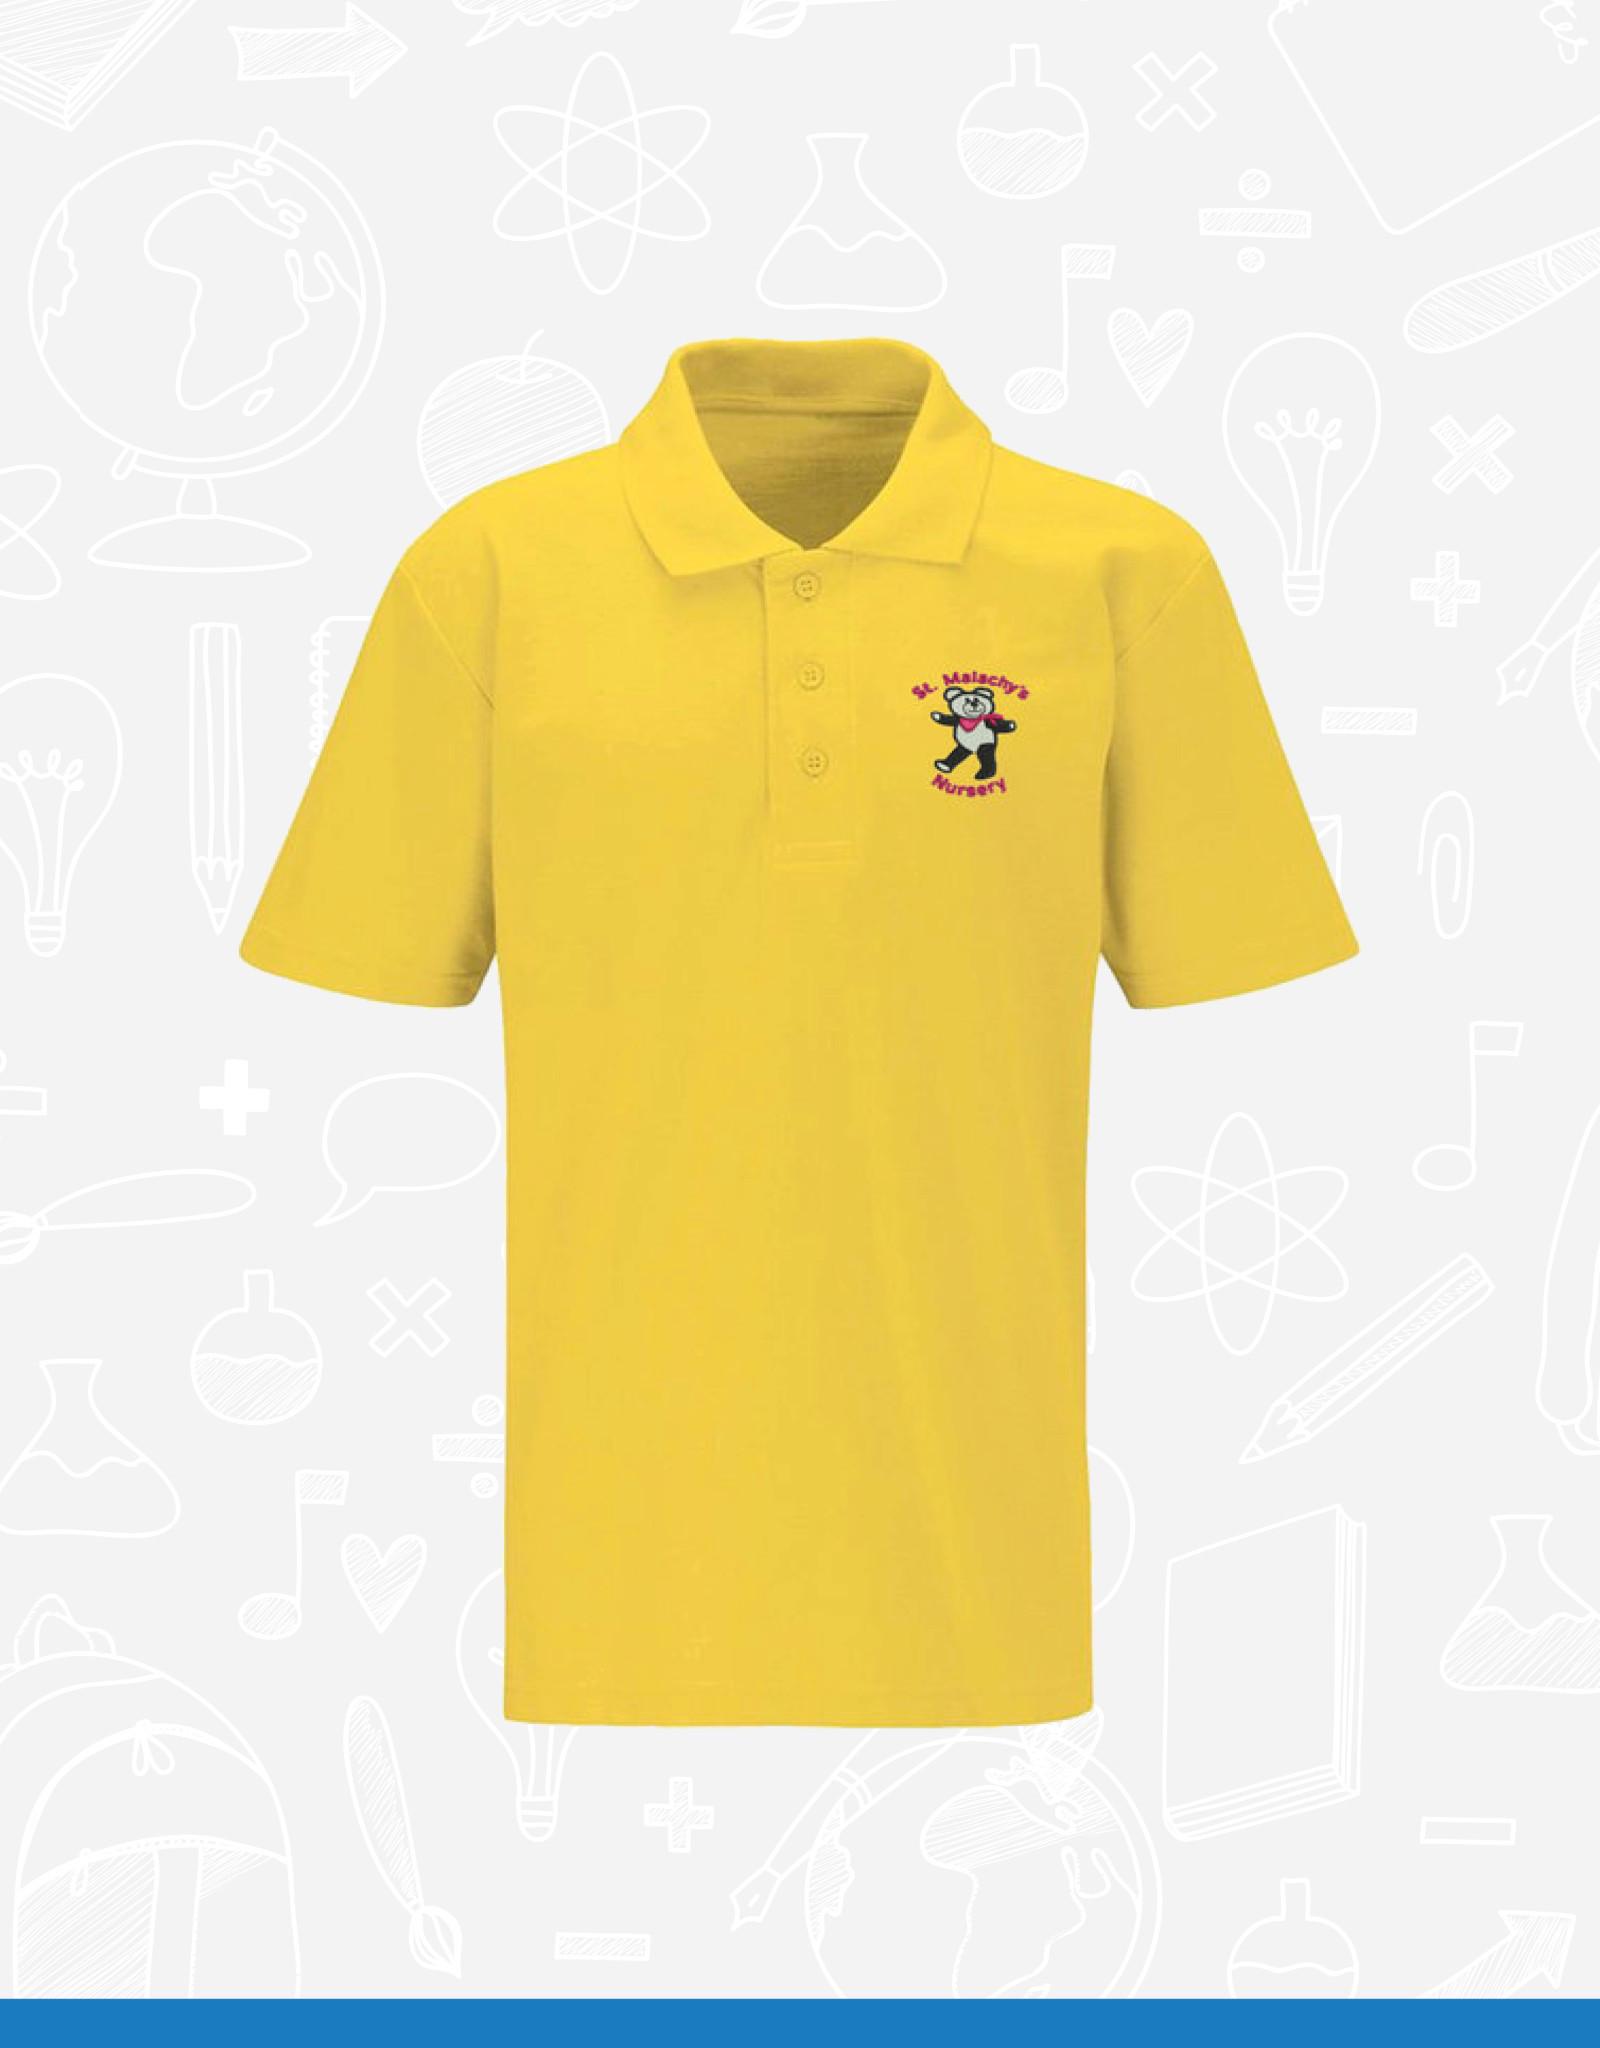 Banner St Malachy's Nursery Polo Shirt (3PC)